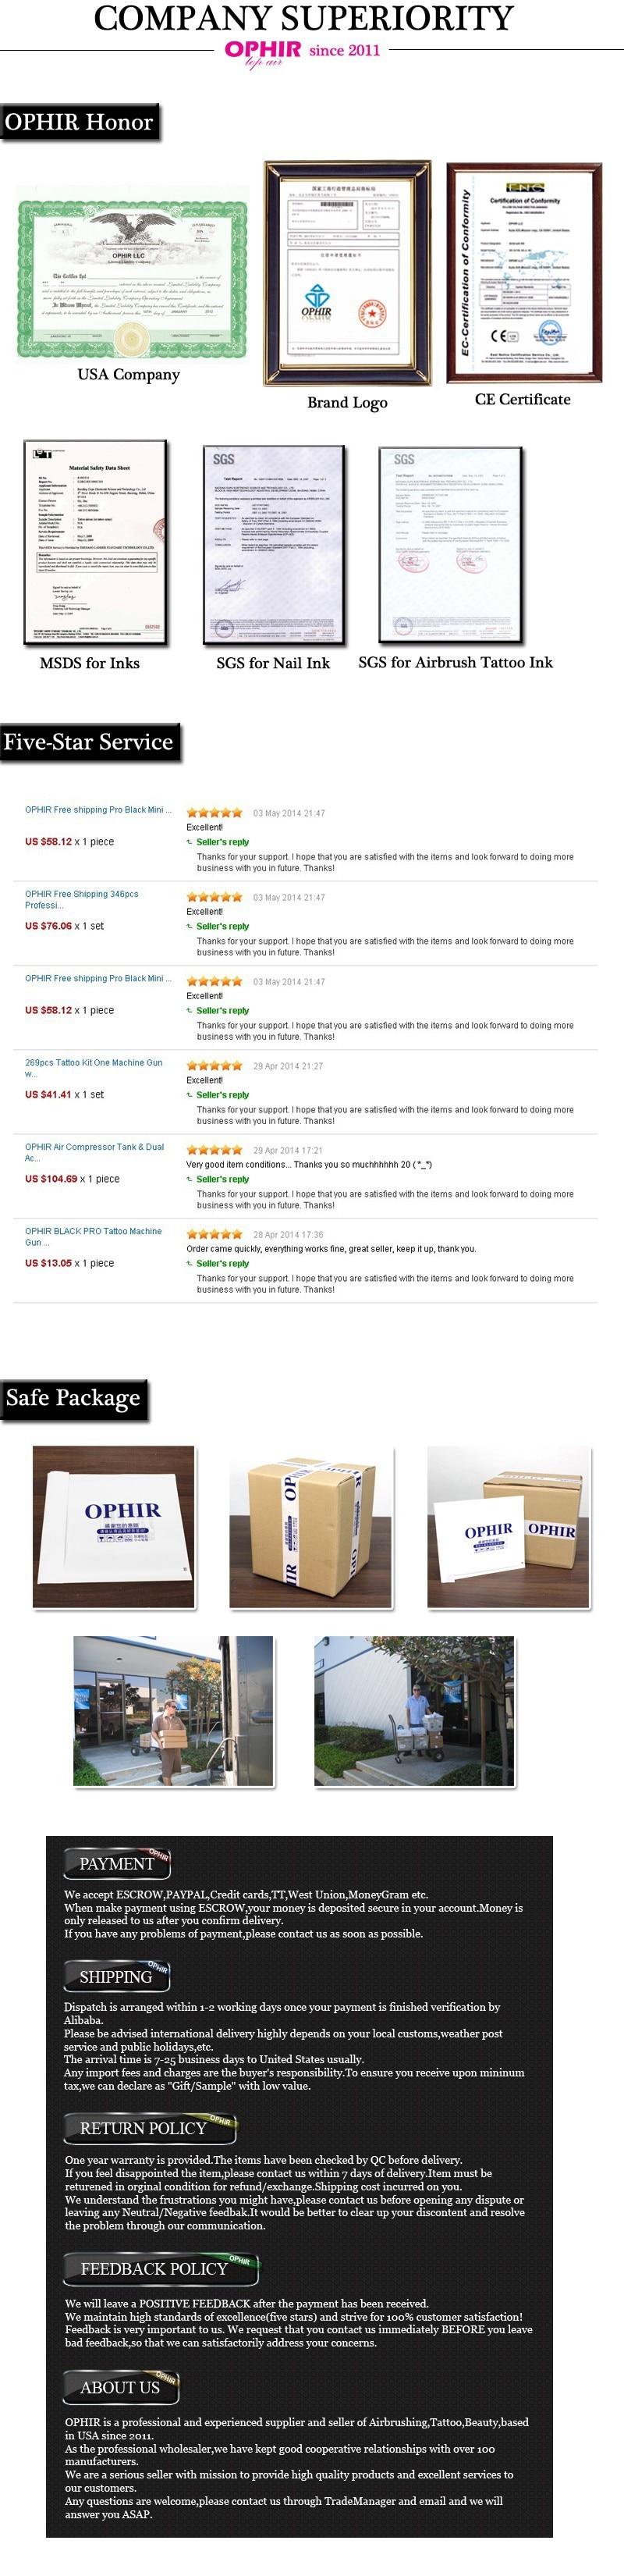 OPHIR Glitter Tattoo 6 Colors Glitter Powder for Body Art Paint Nail Temporary Glitter Tattoo Kit with 10x Stencils Glue _TA054 20